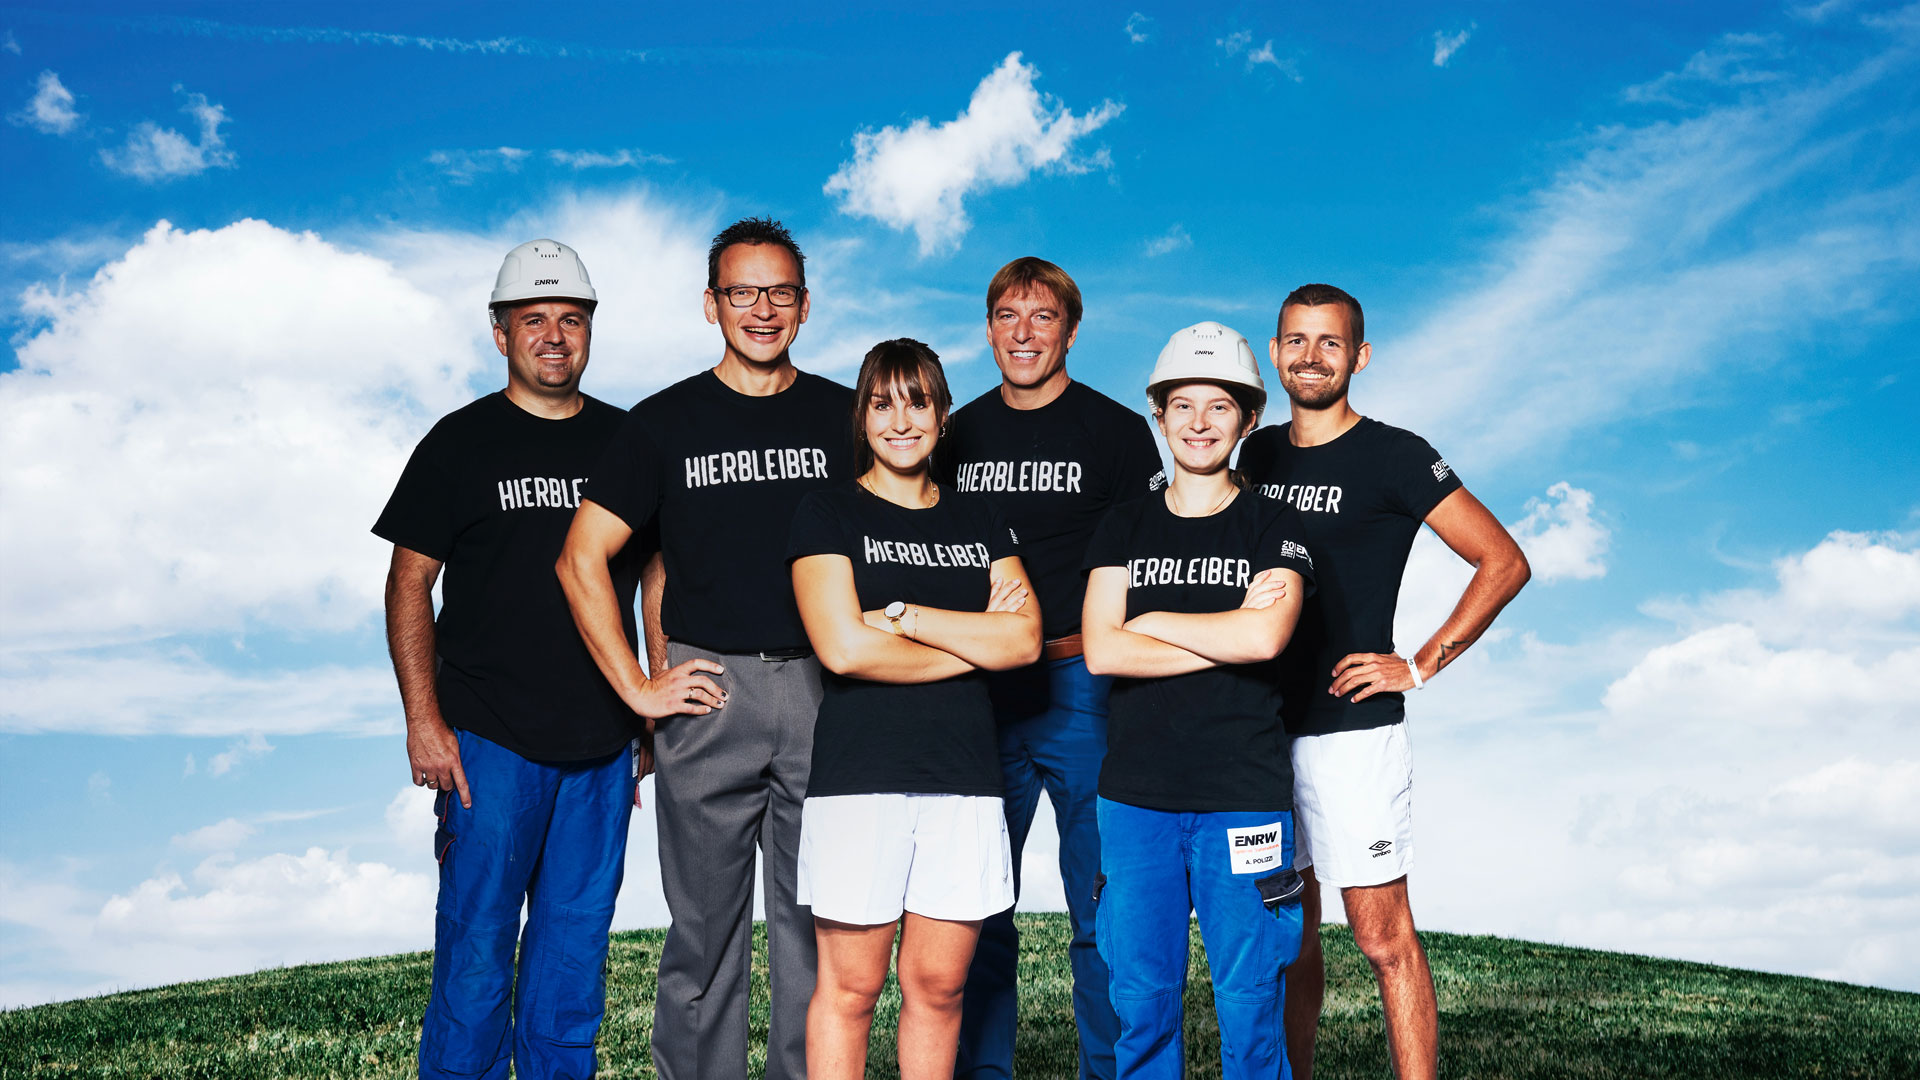 Mitarbeiter der ENRW auf grüner Wiese